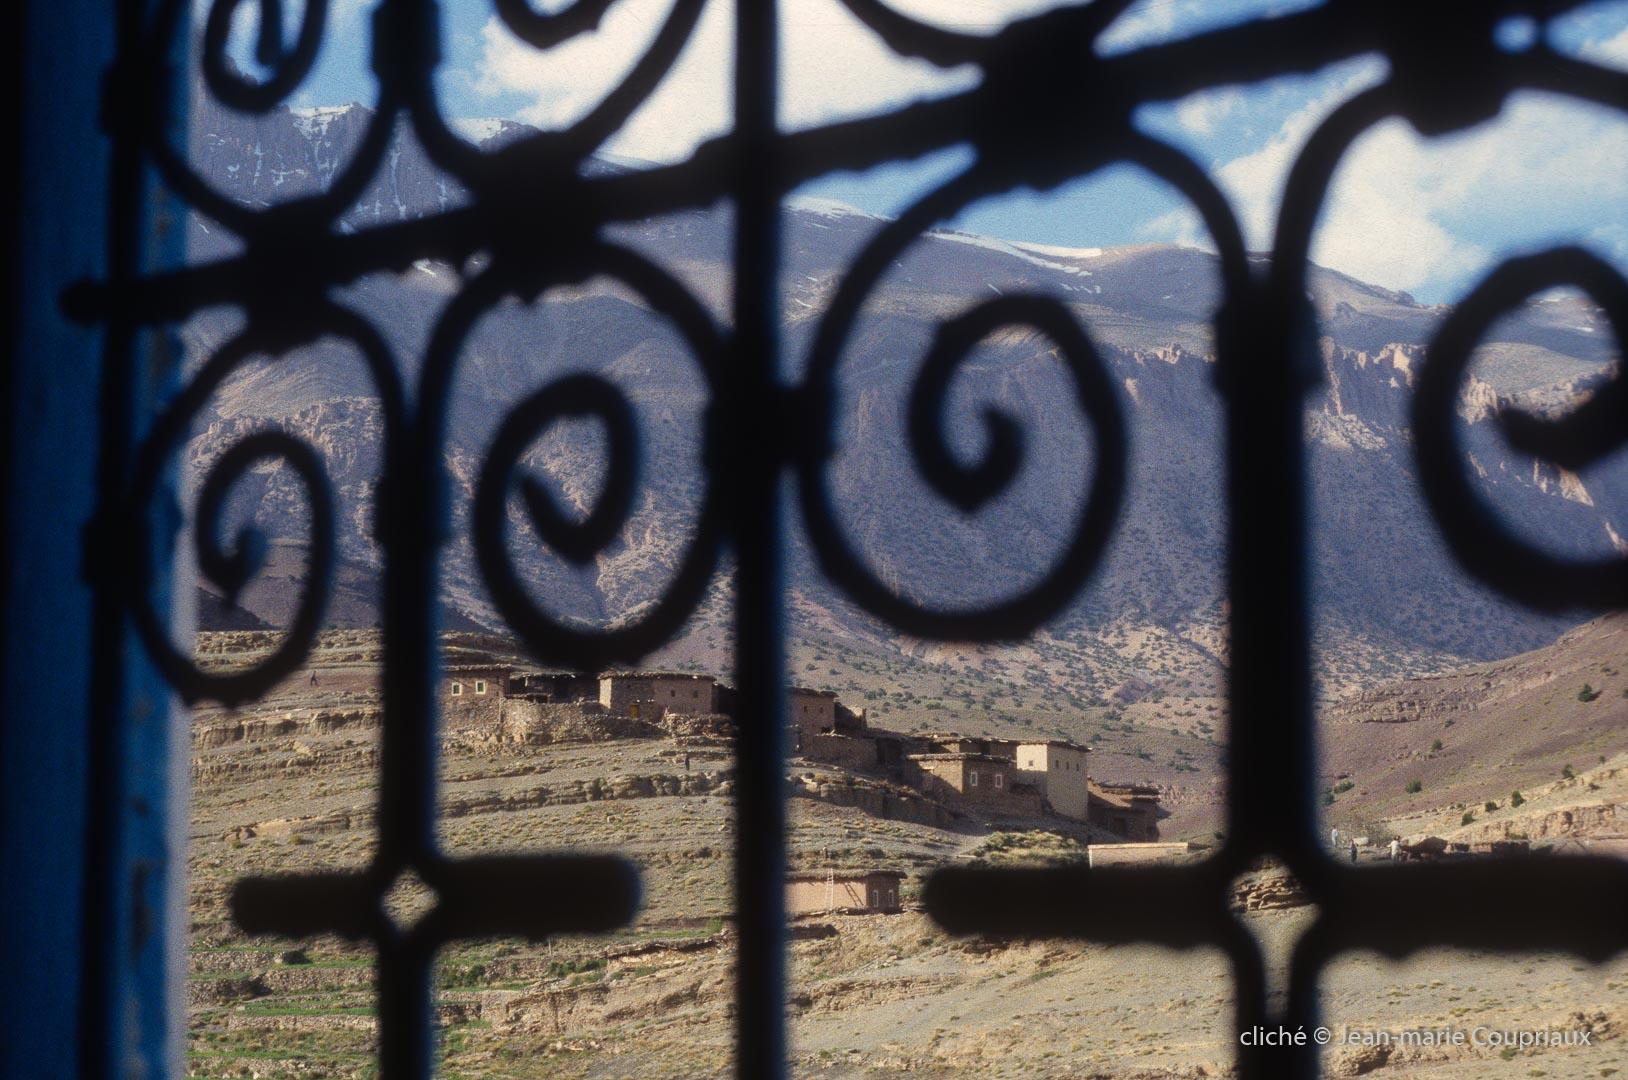 446-Maroc-2002a2013